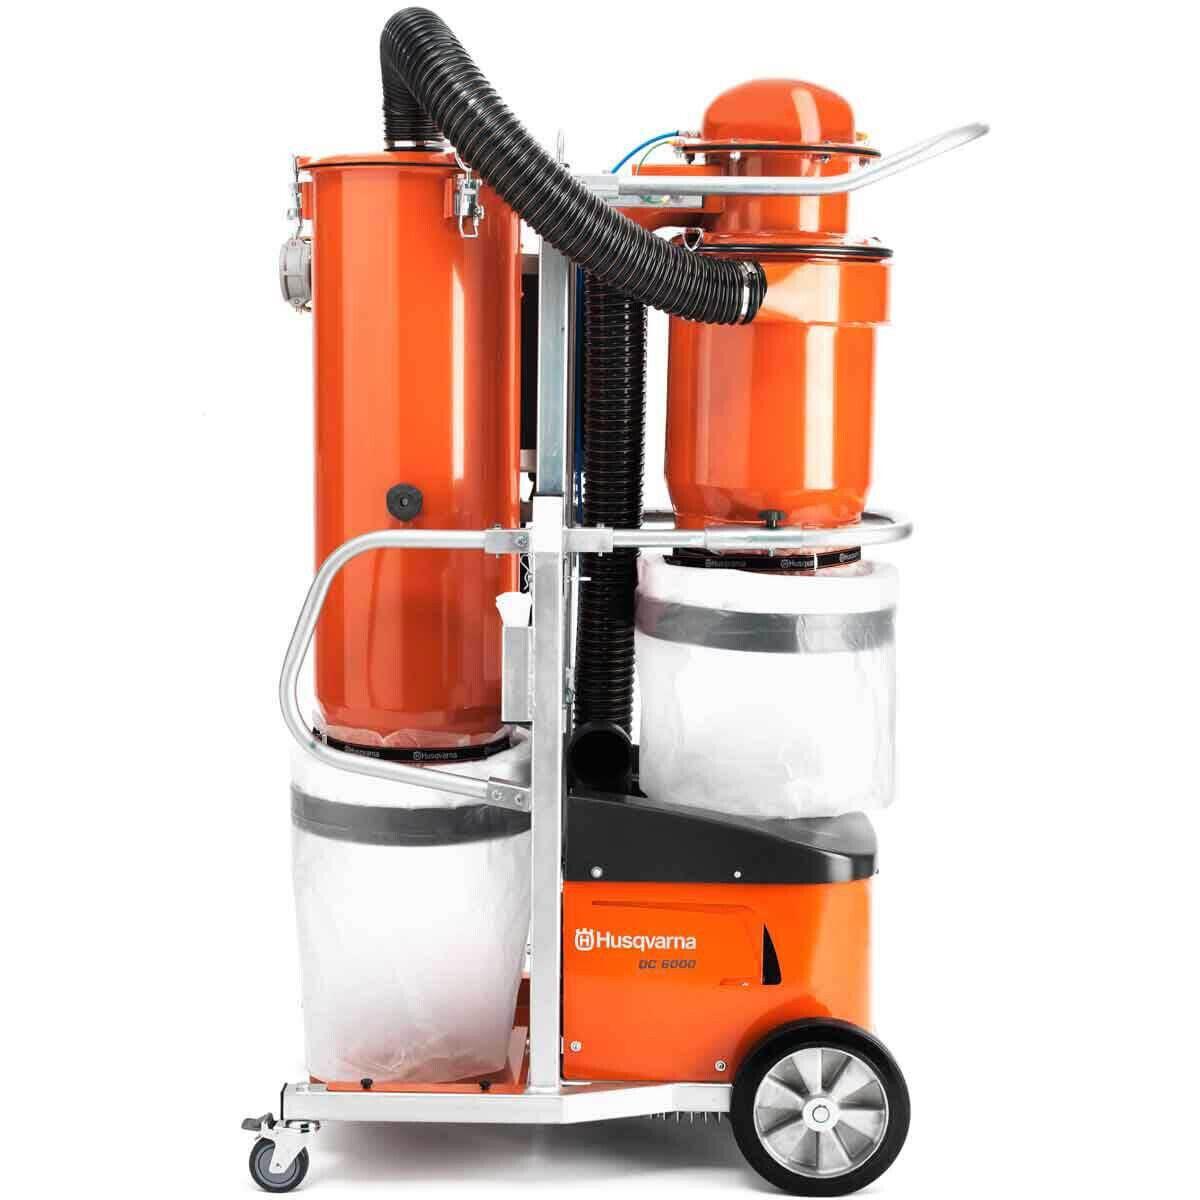 Husqvarna DC6000 Mobile Concrete Dust Extractor